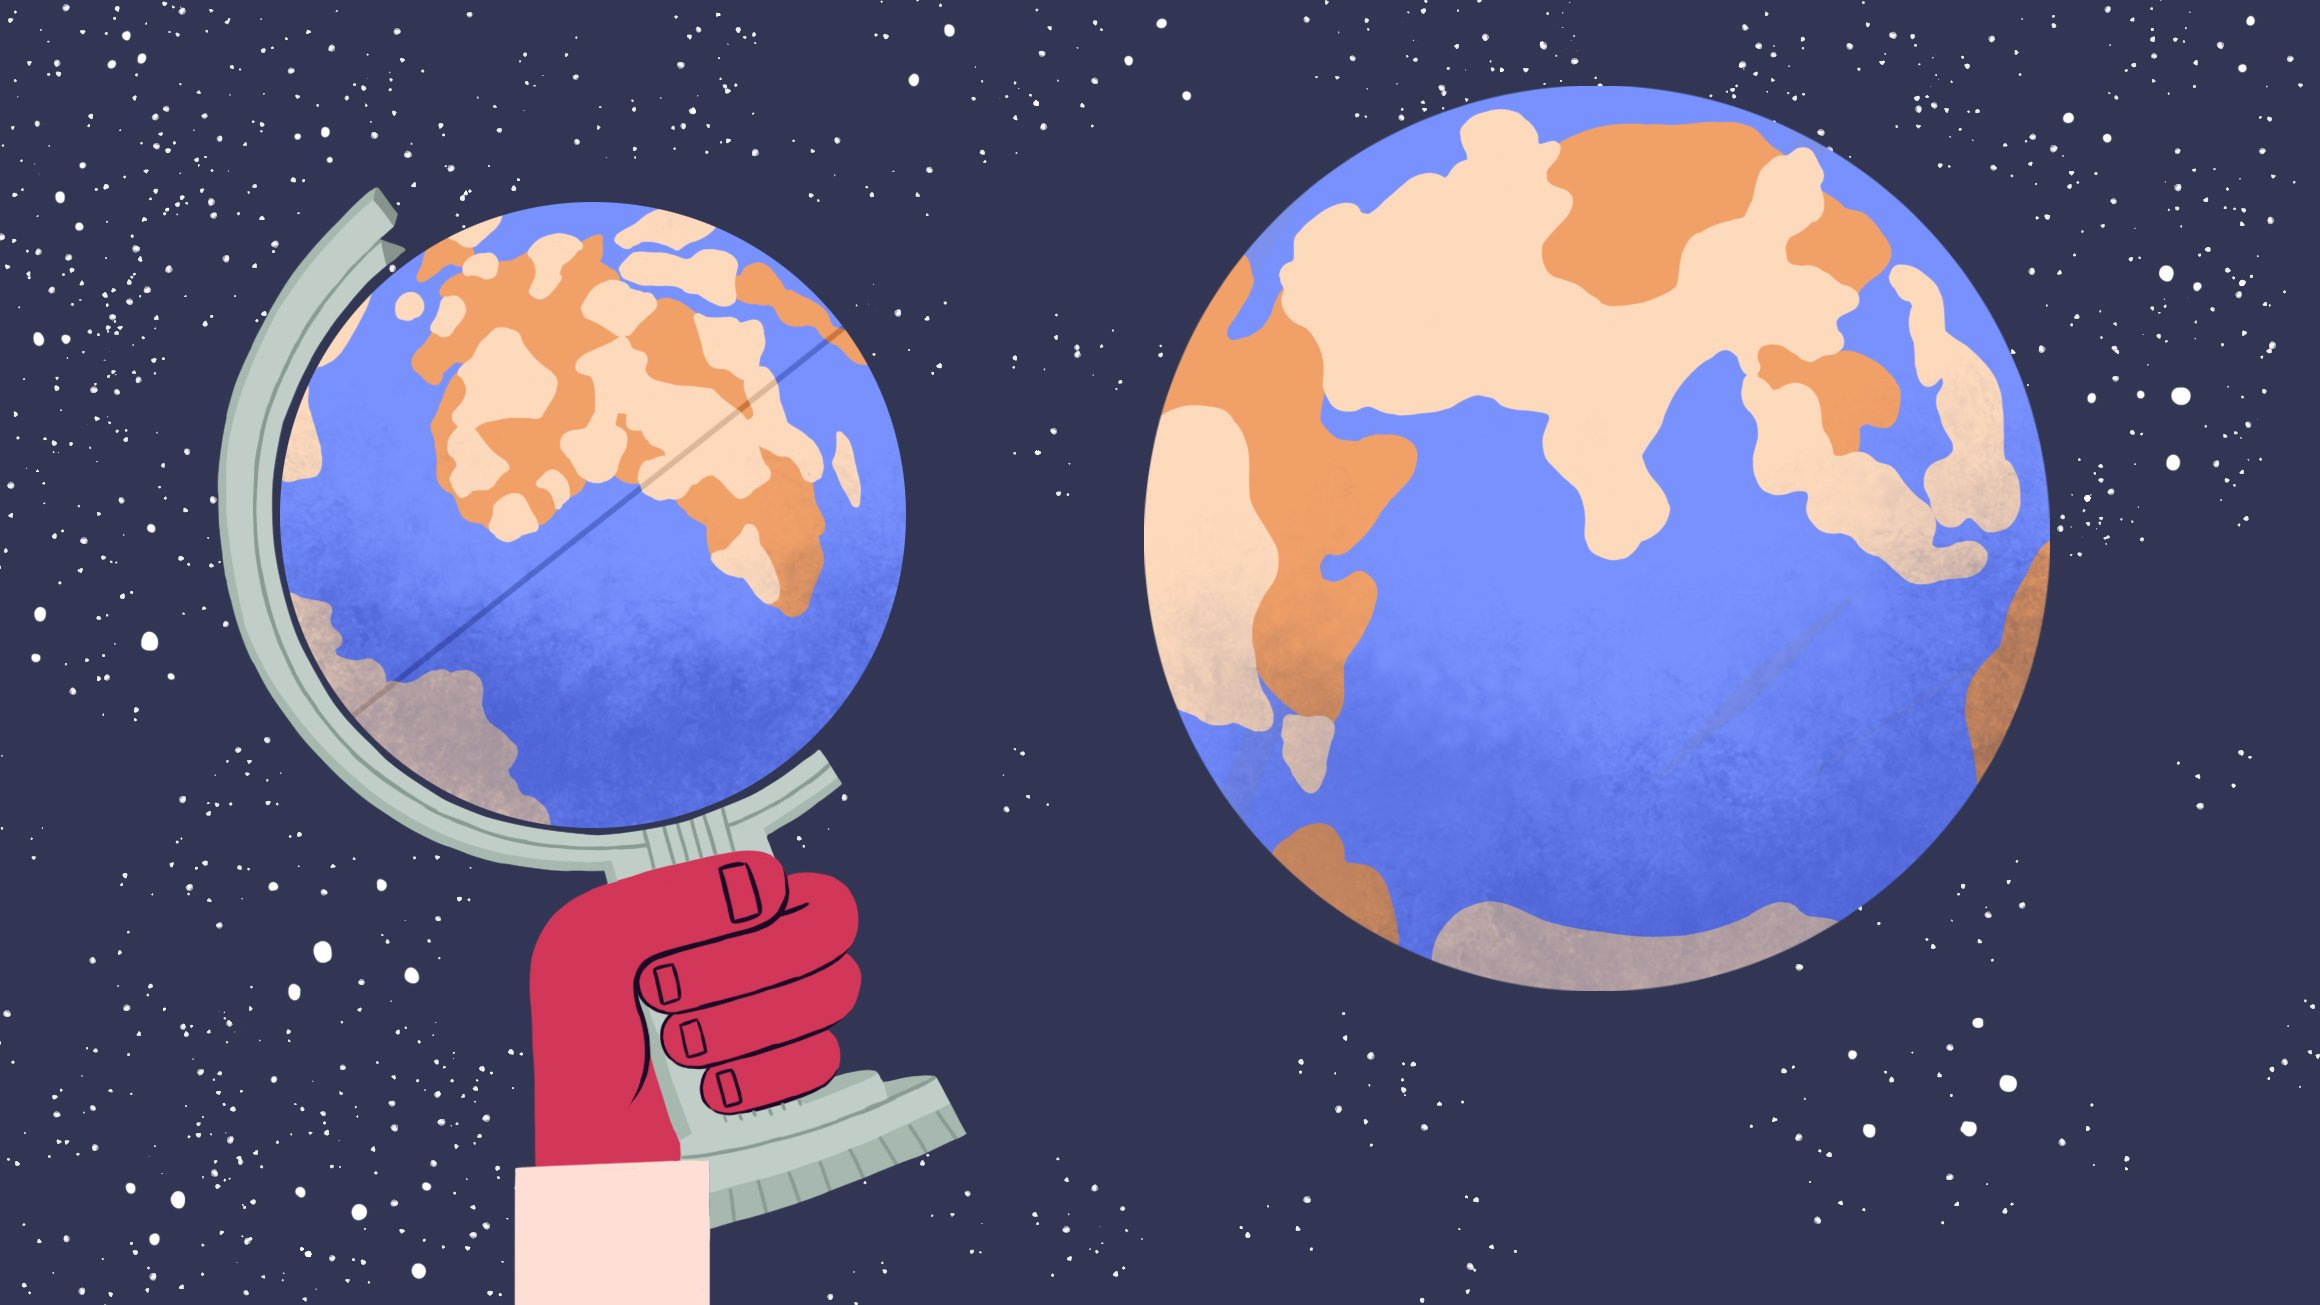 Fra klode til globus